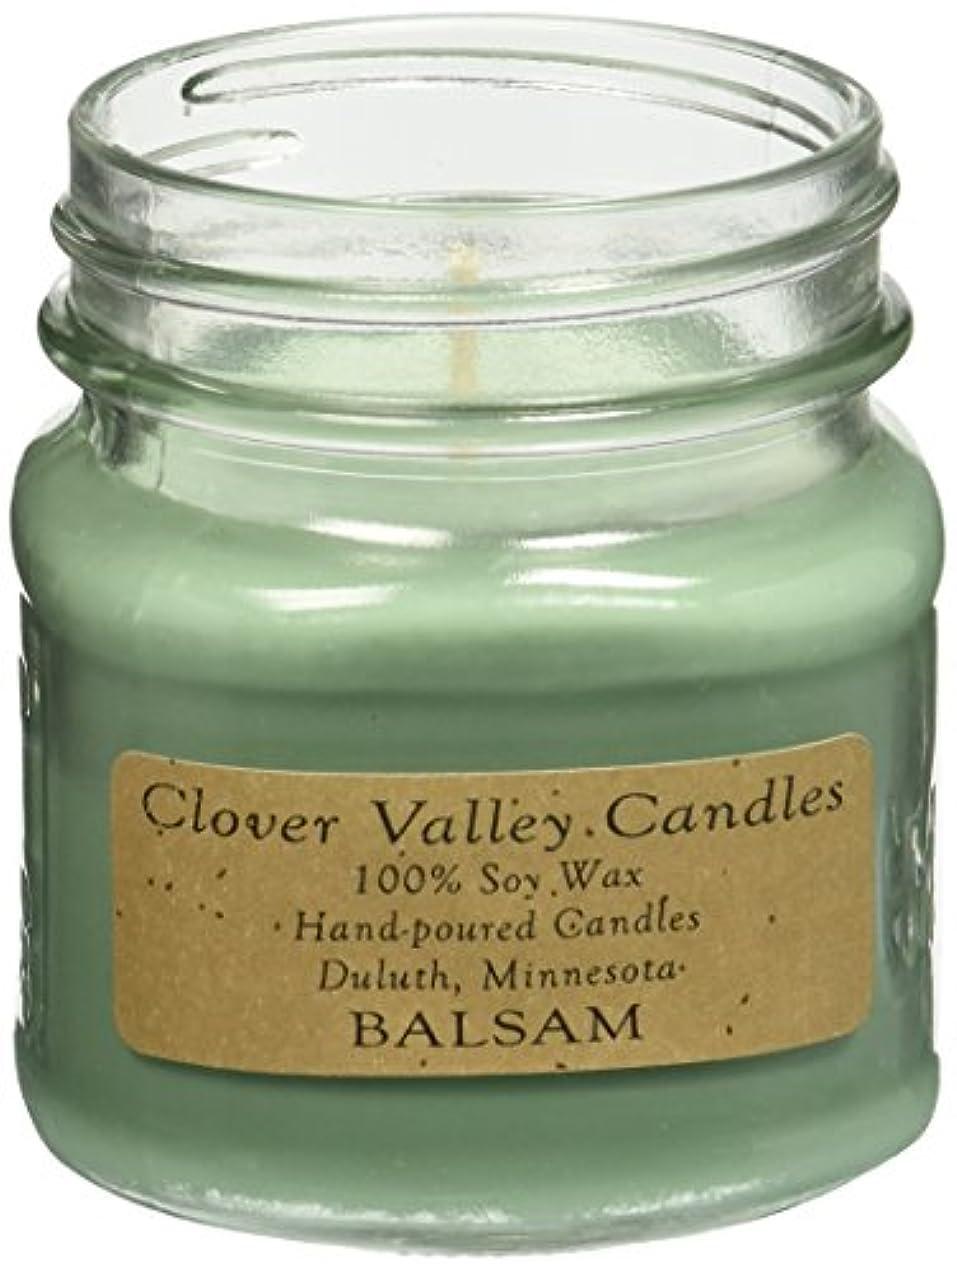 ハリケーン軽食法令Balsam & Cedar Half Pint Scented Candle byクローバーValleyキャンドル